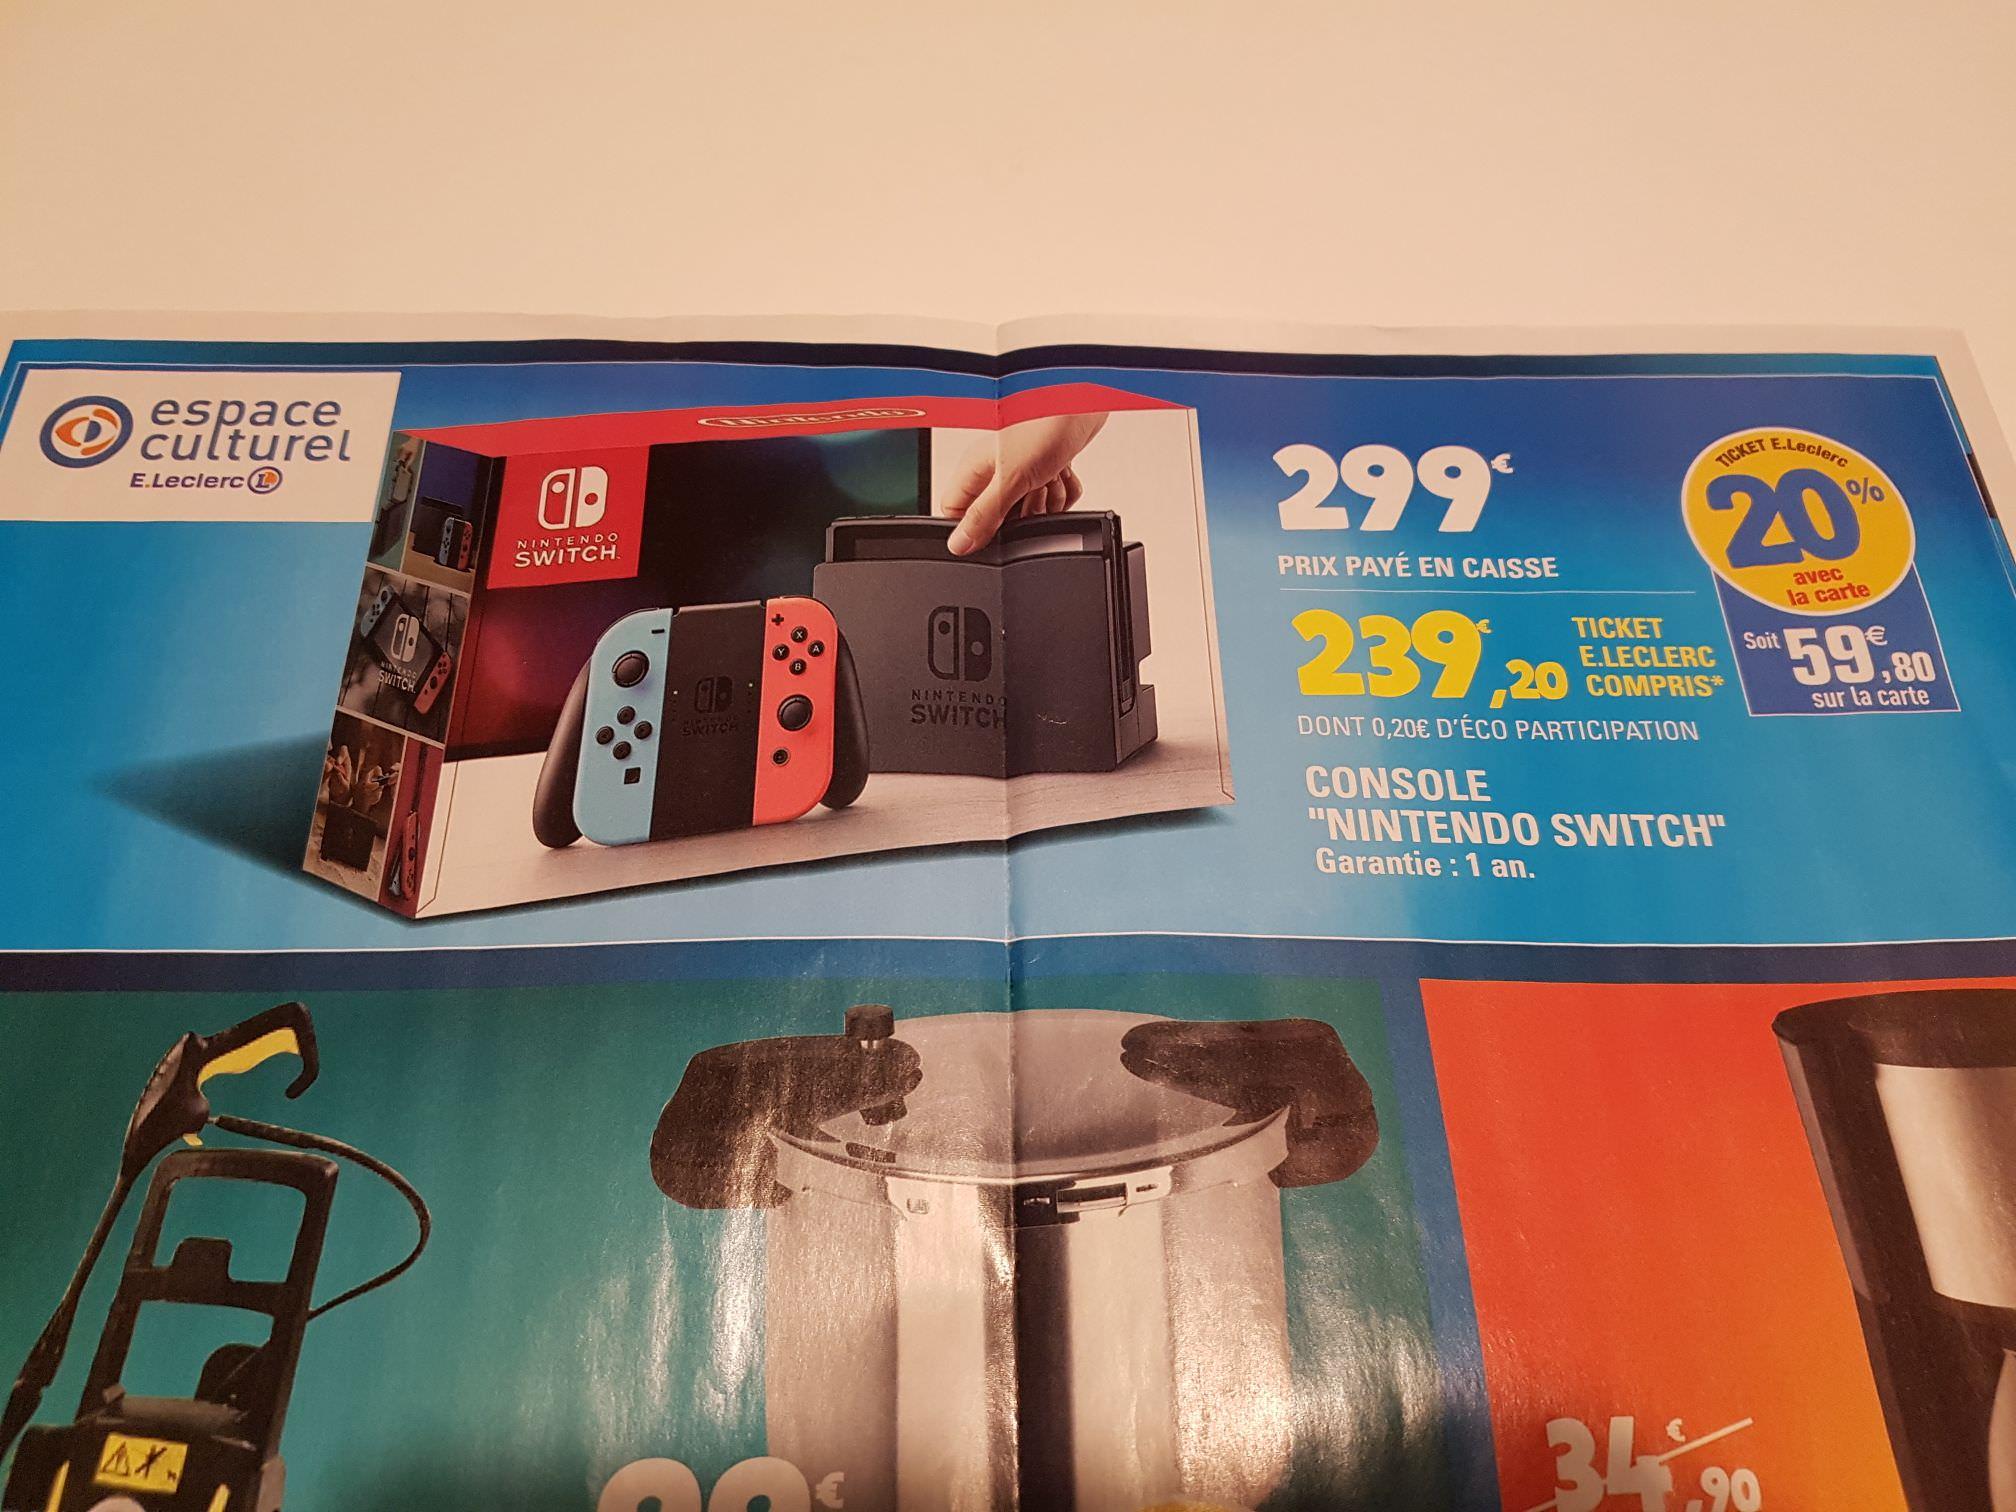 Console Nintendo Switch avec joy-con rouge/bleu (via 59.8€ sur la carte) - Bayeux (14)